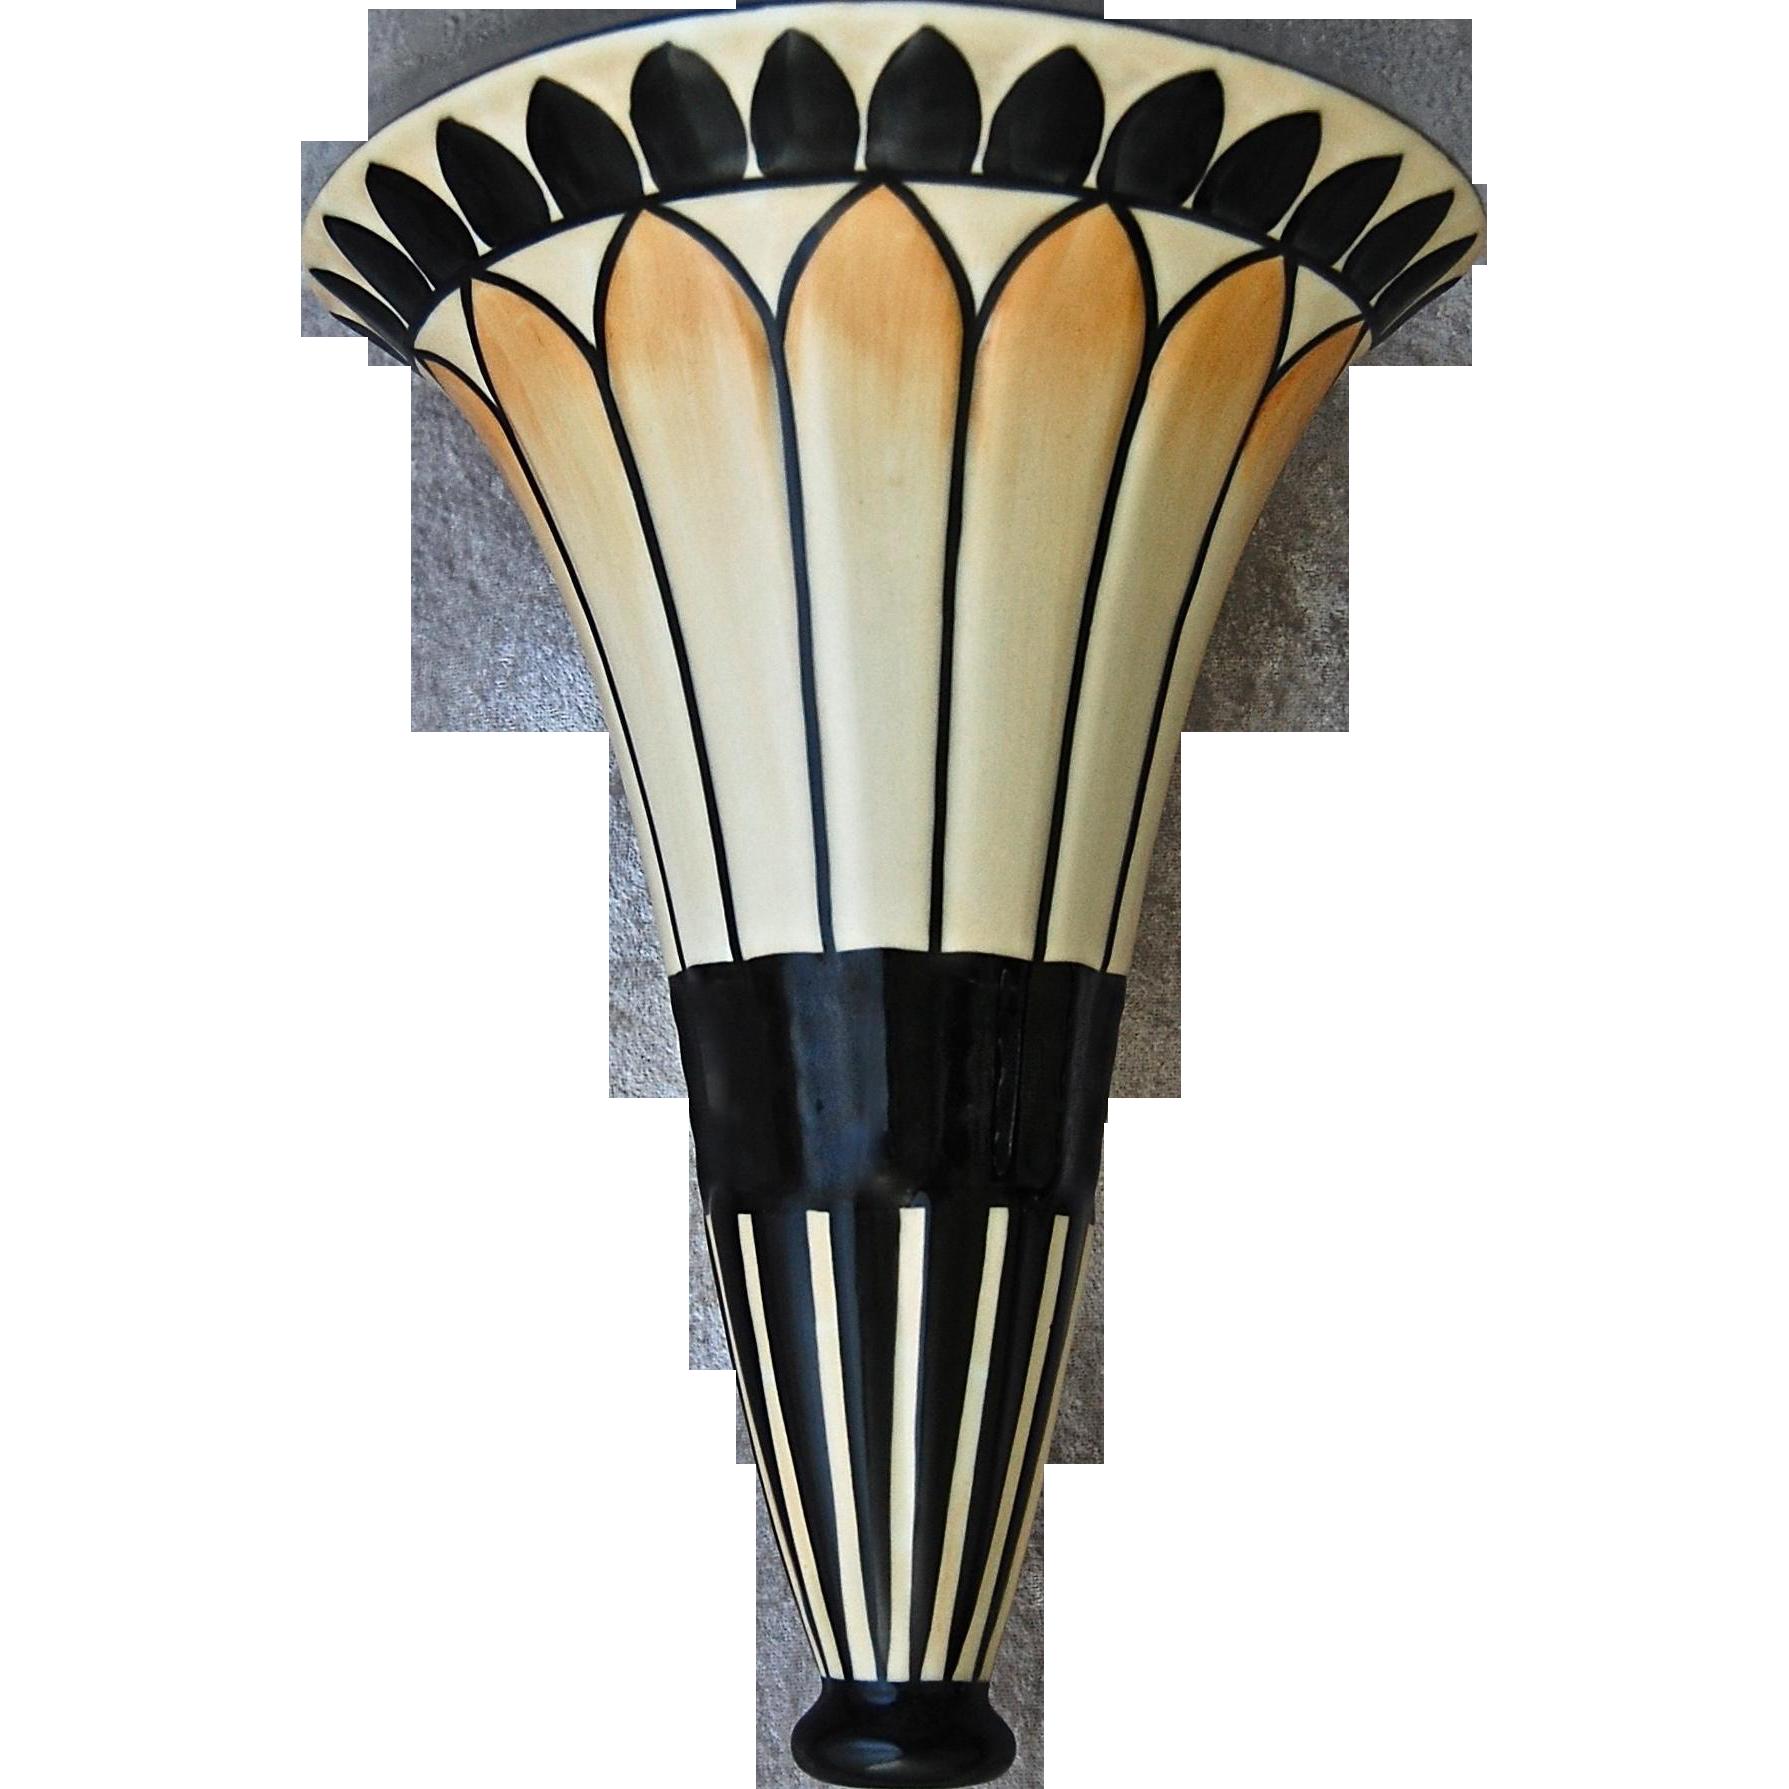 large art deco porcelain wall vase from rubylane sold on. Black Bedroom Furniture Sets. Home Design Ideas